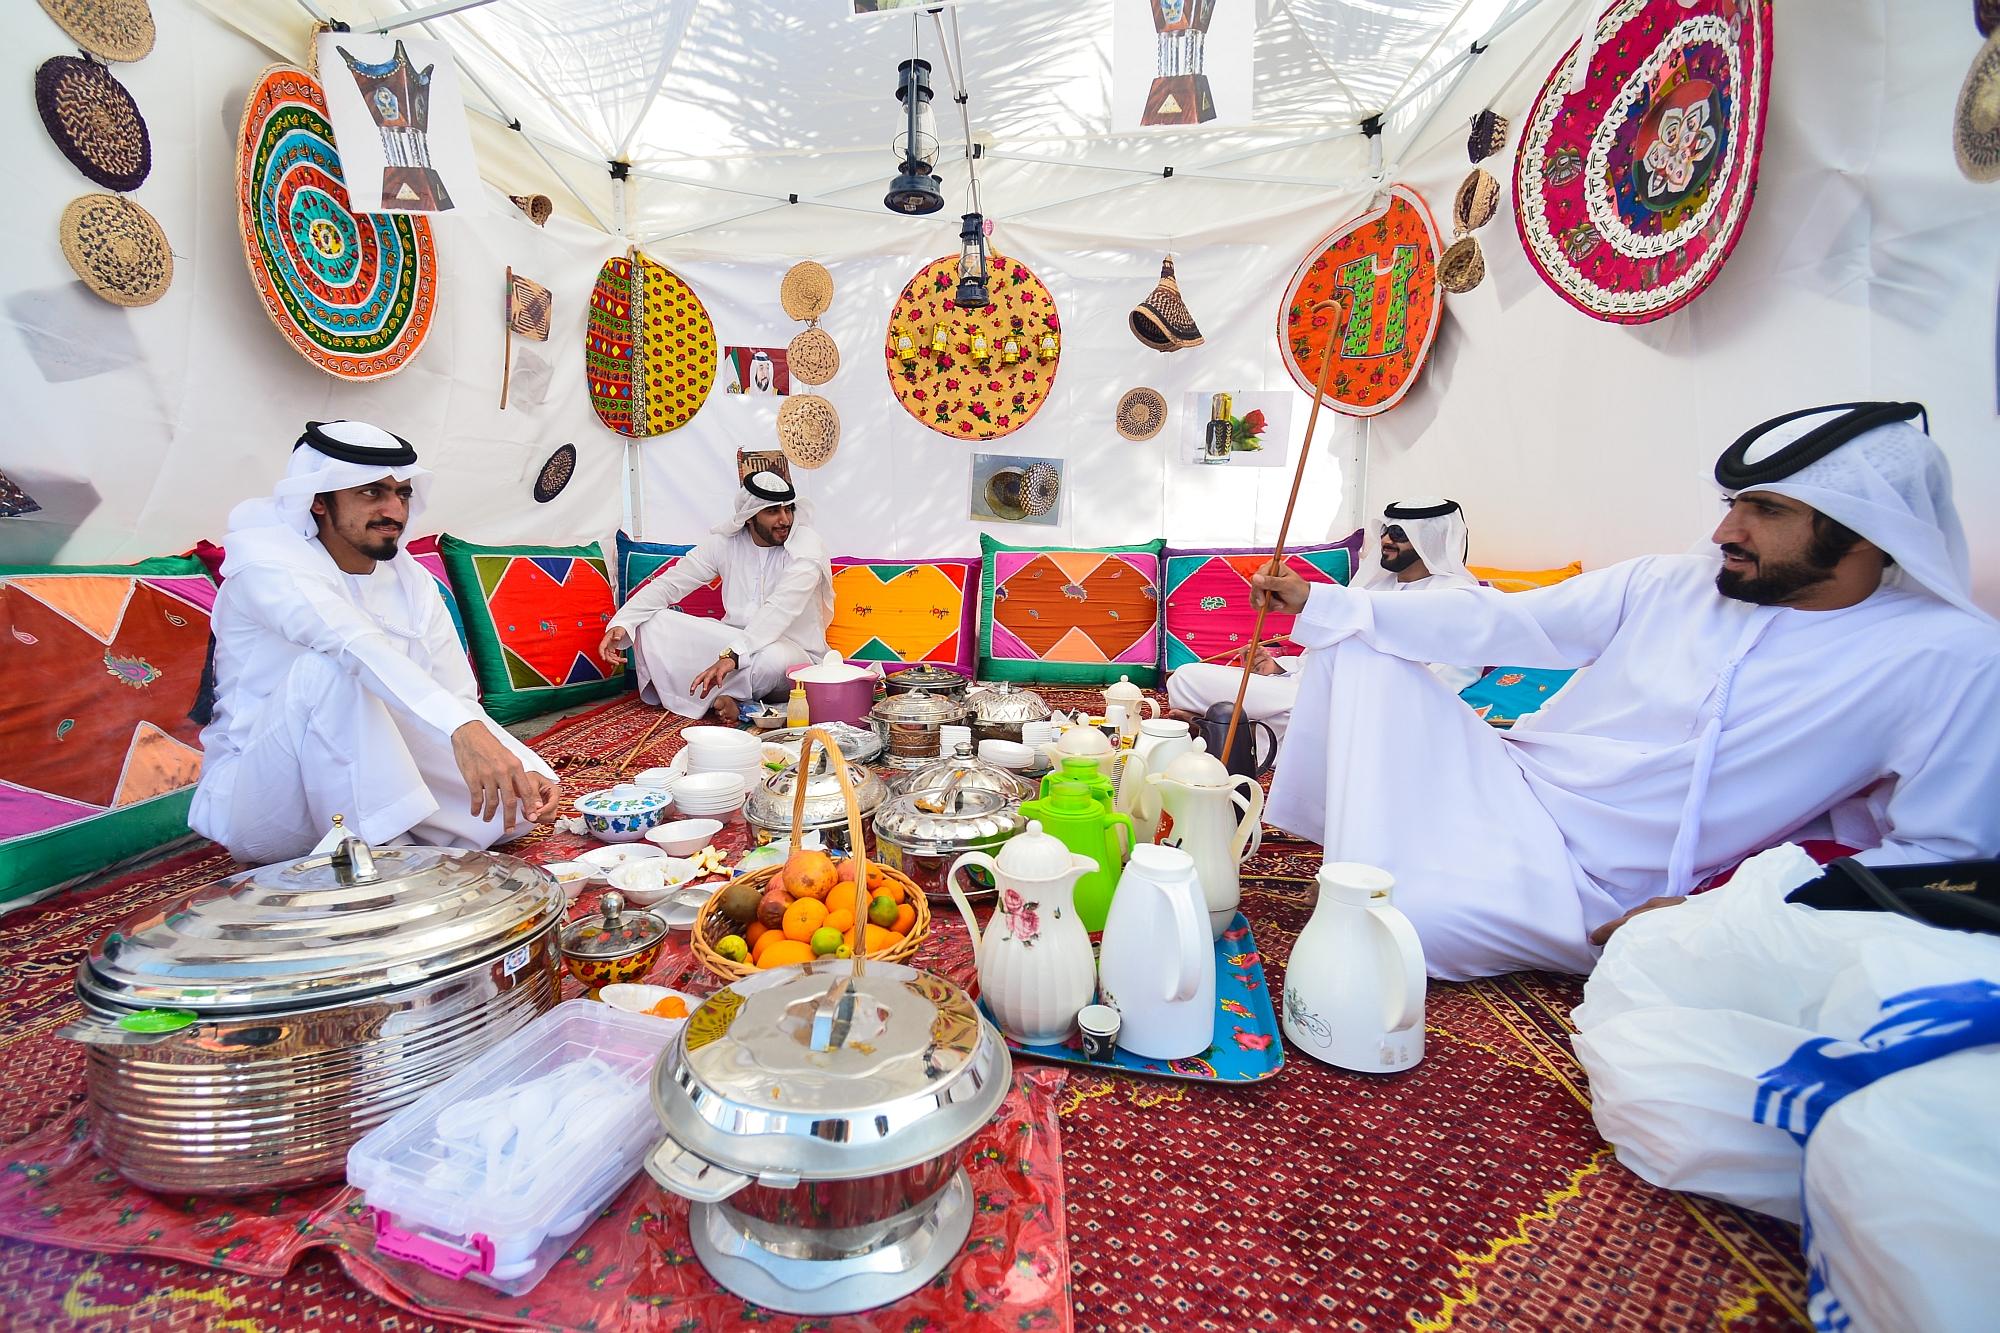 Homens partilham refeição tradicional em Ras Al Khaimah